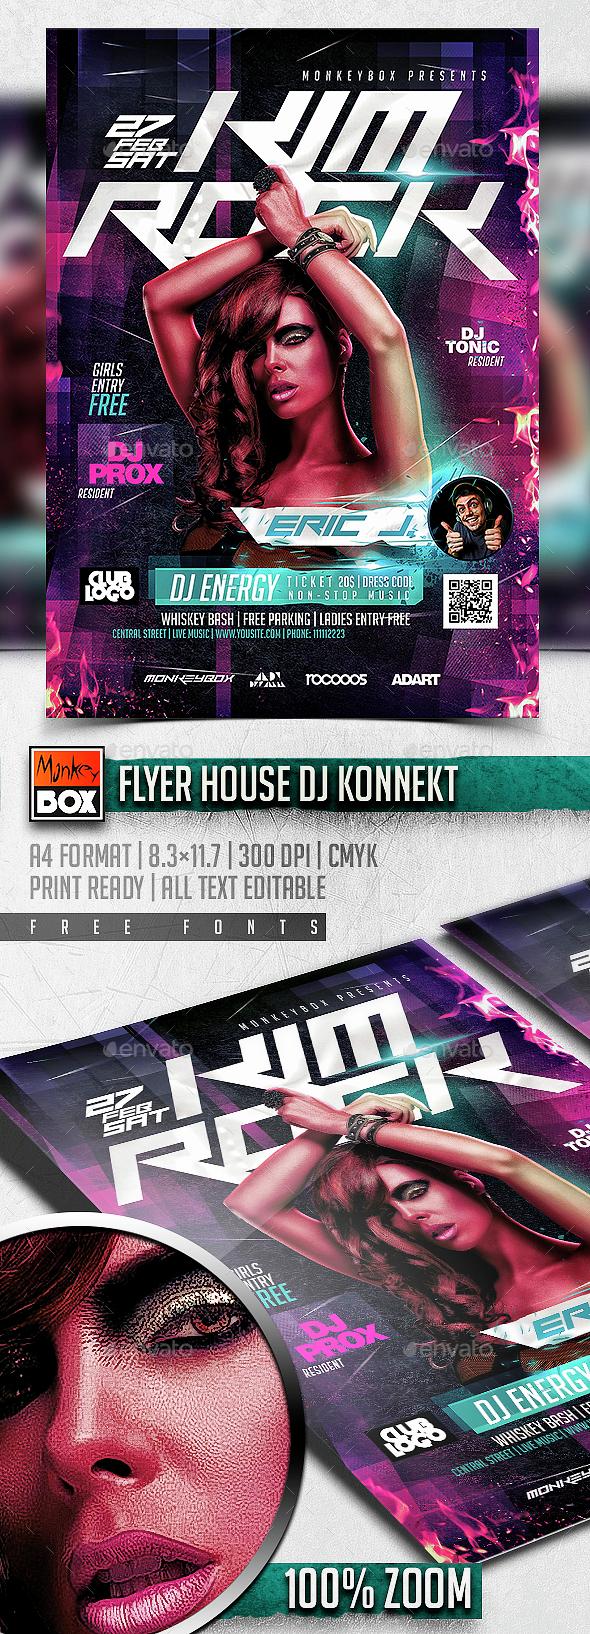 Flyer House Dj Konnekt - Flyers Print Templates